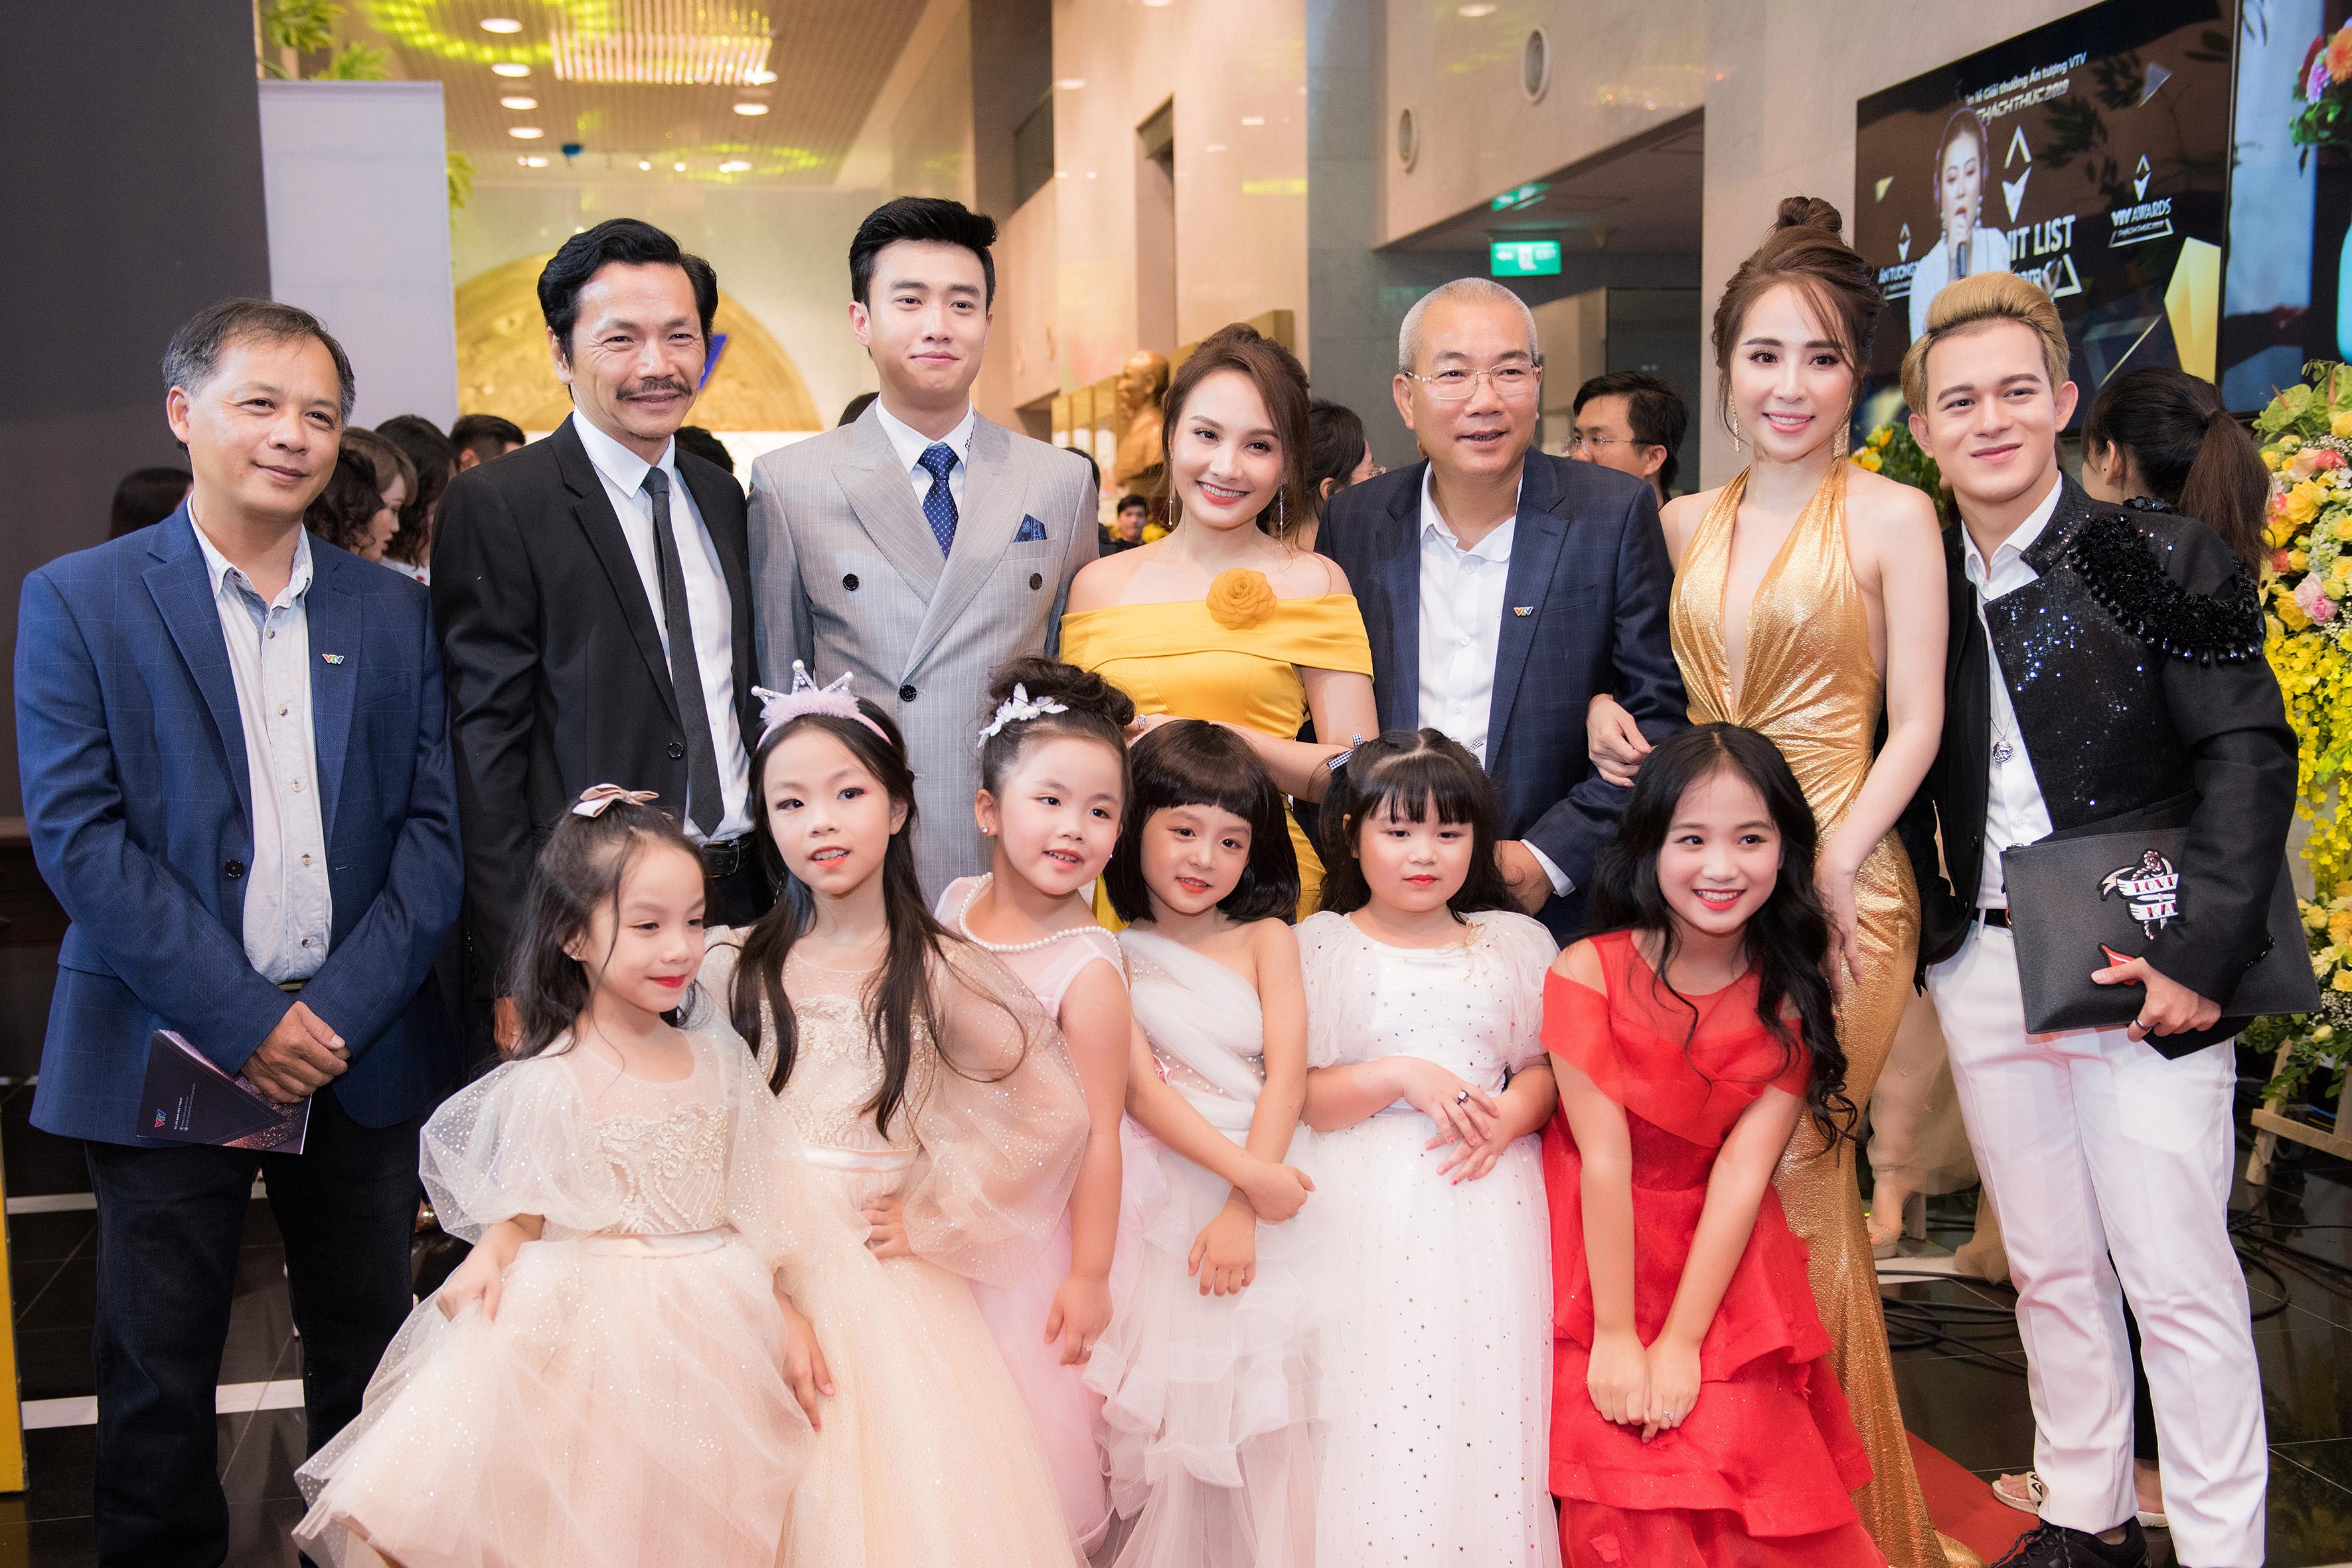 Quỳnh Nga khoe vẻ đẹp vạn người mê trên thảm đỏ VTV Award 5